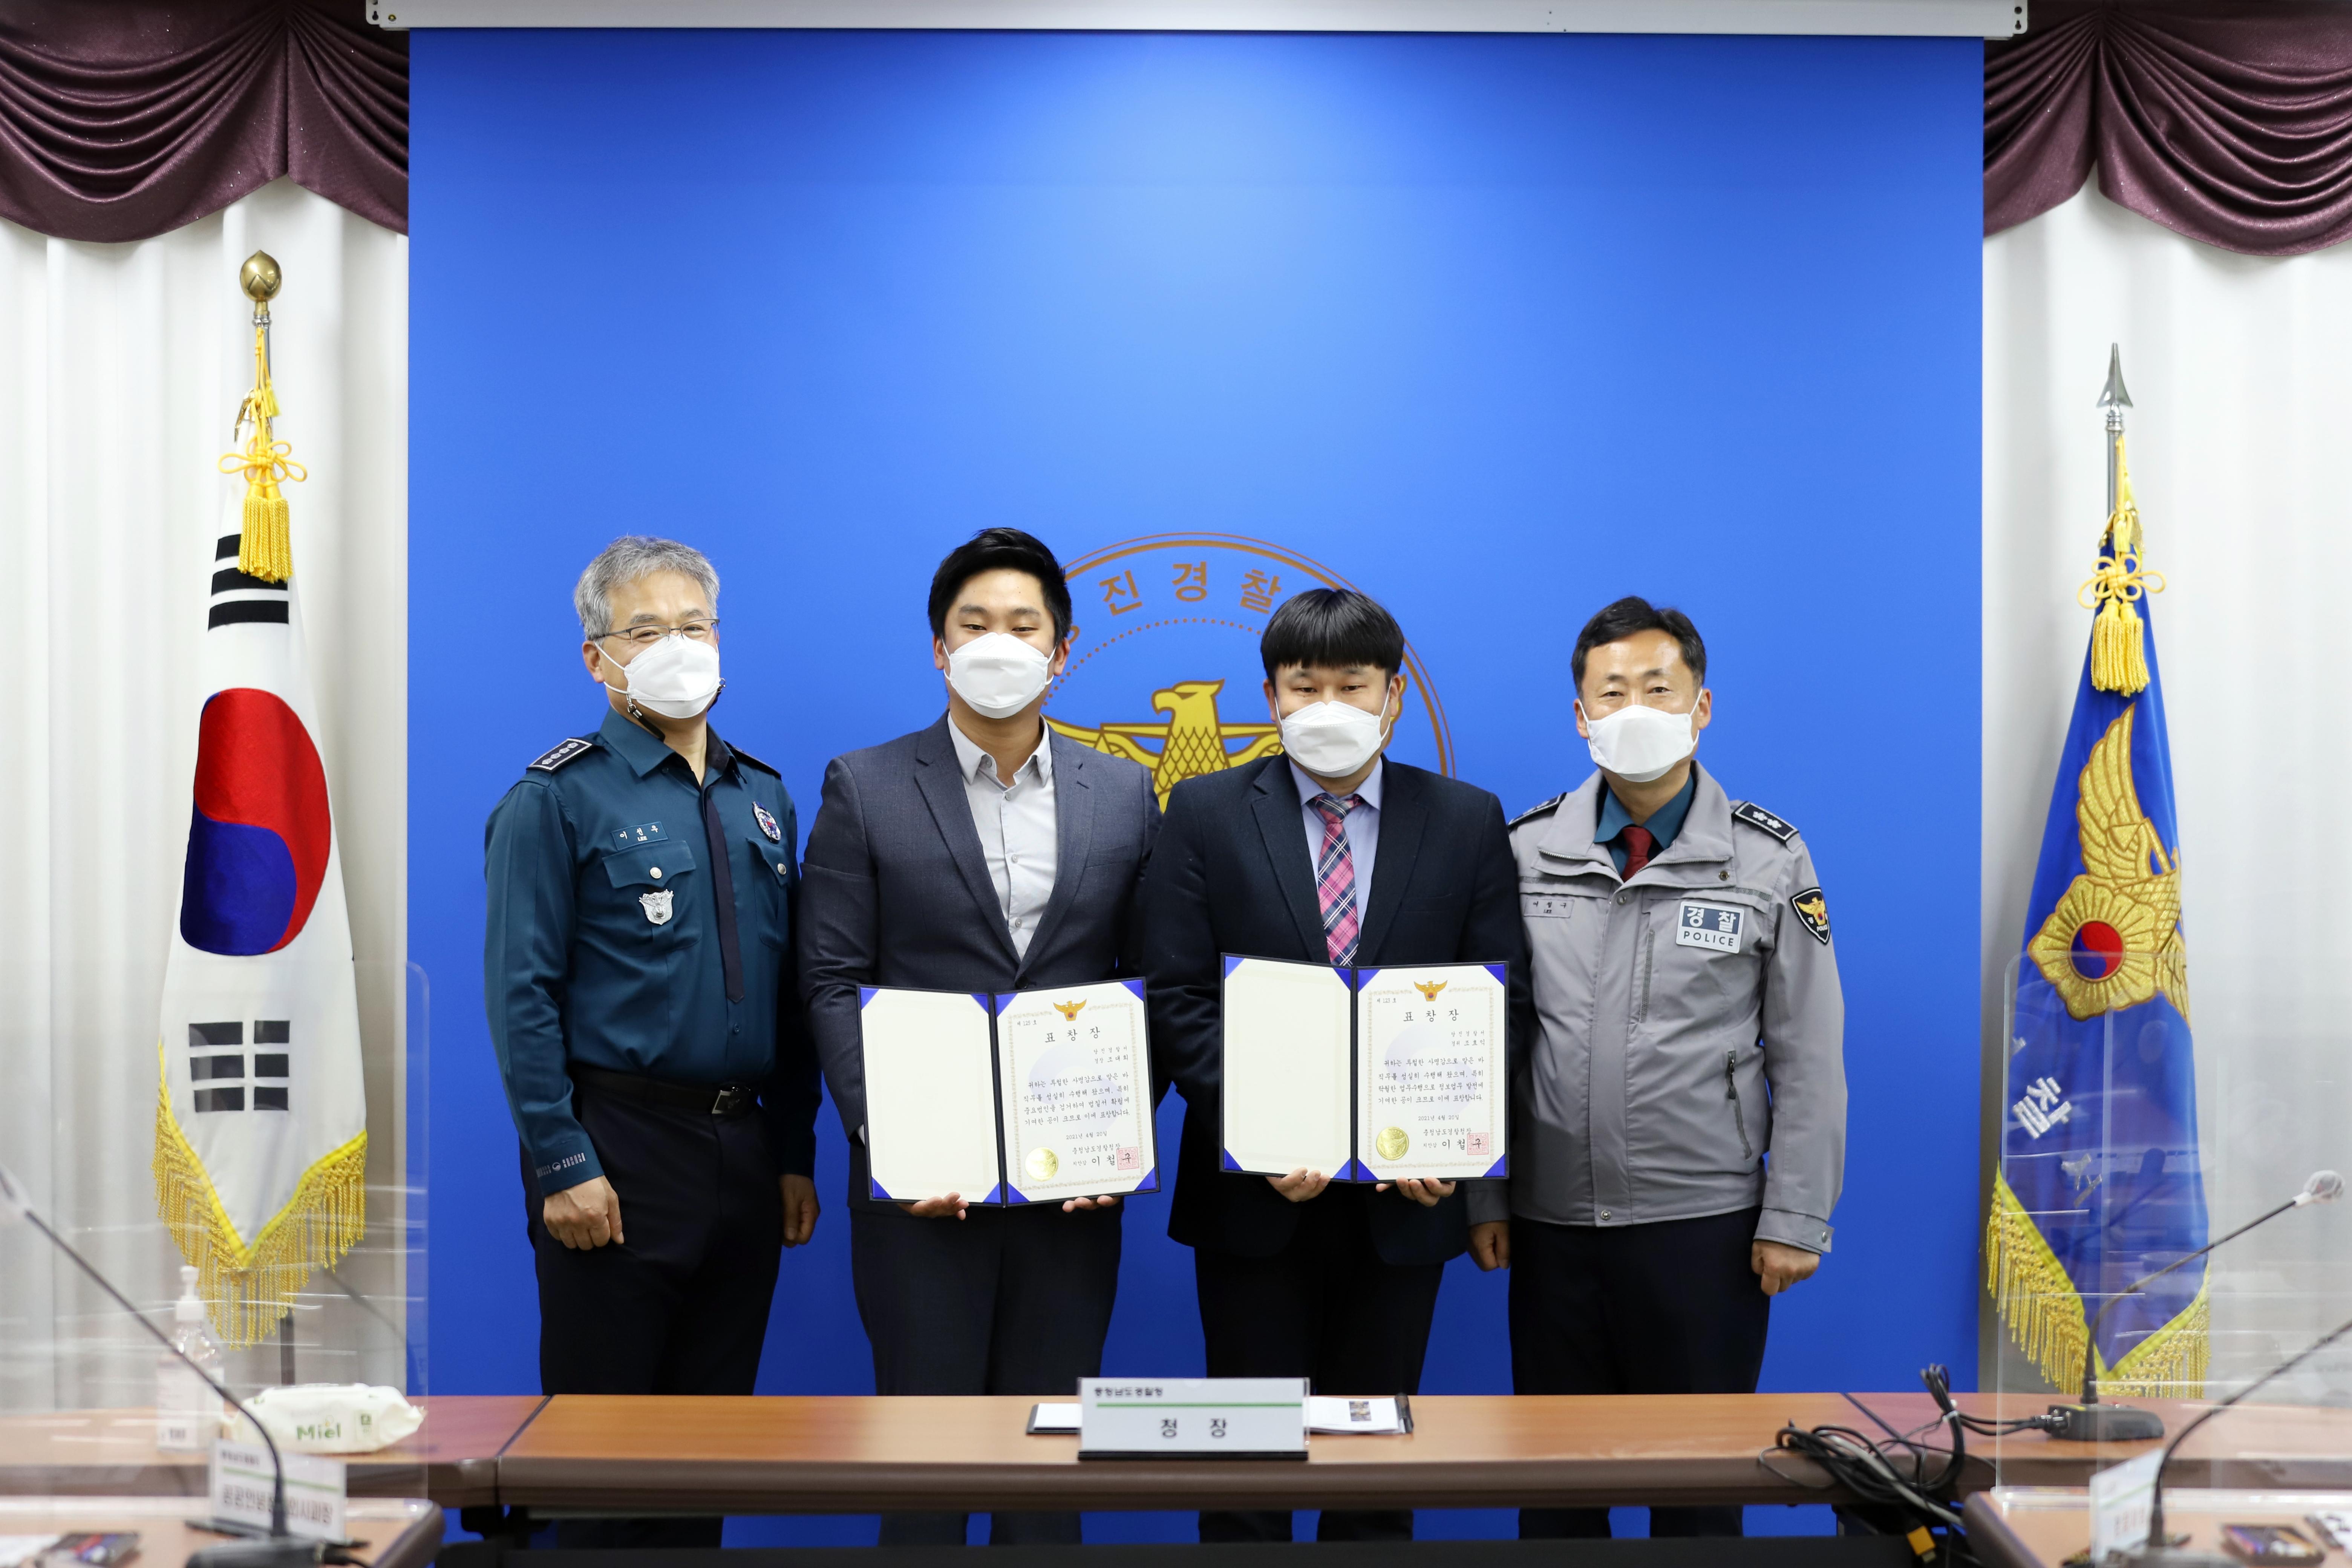 이철구 충남경찰청장, 당진경찰서 업무유공자 표창 수여